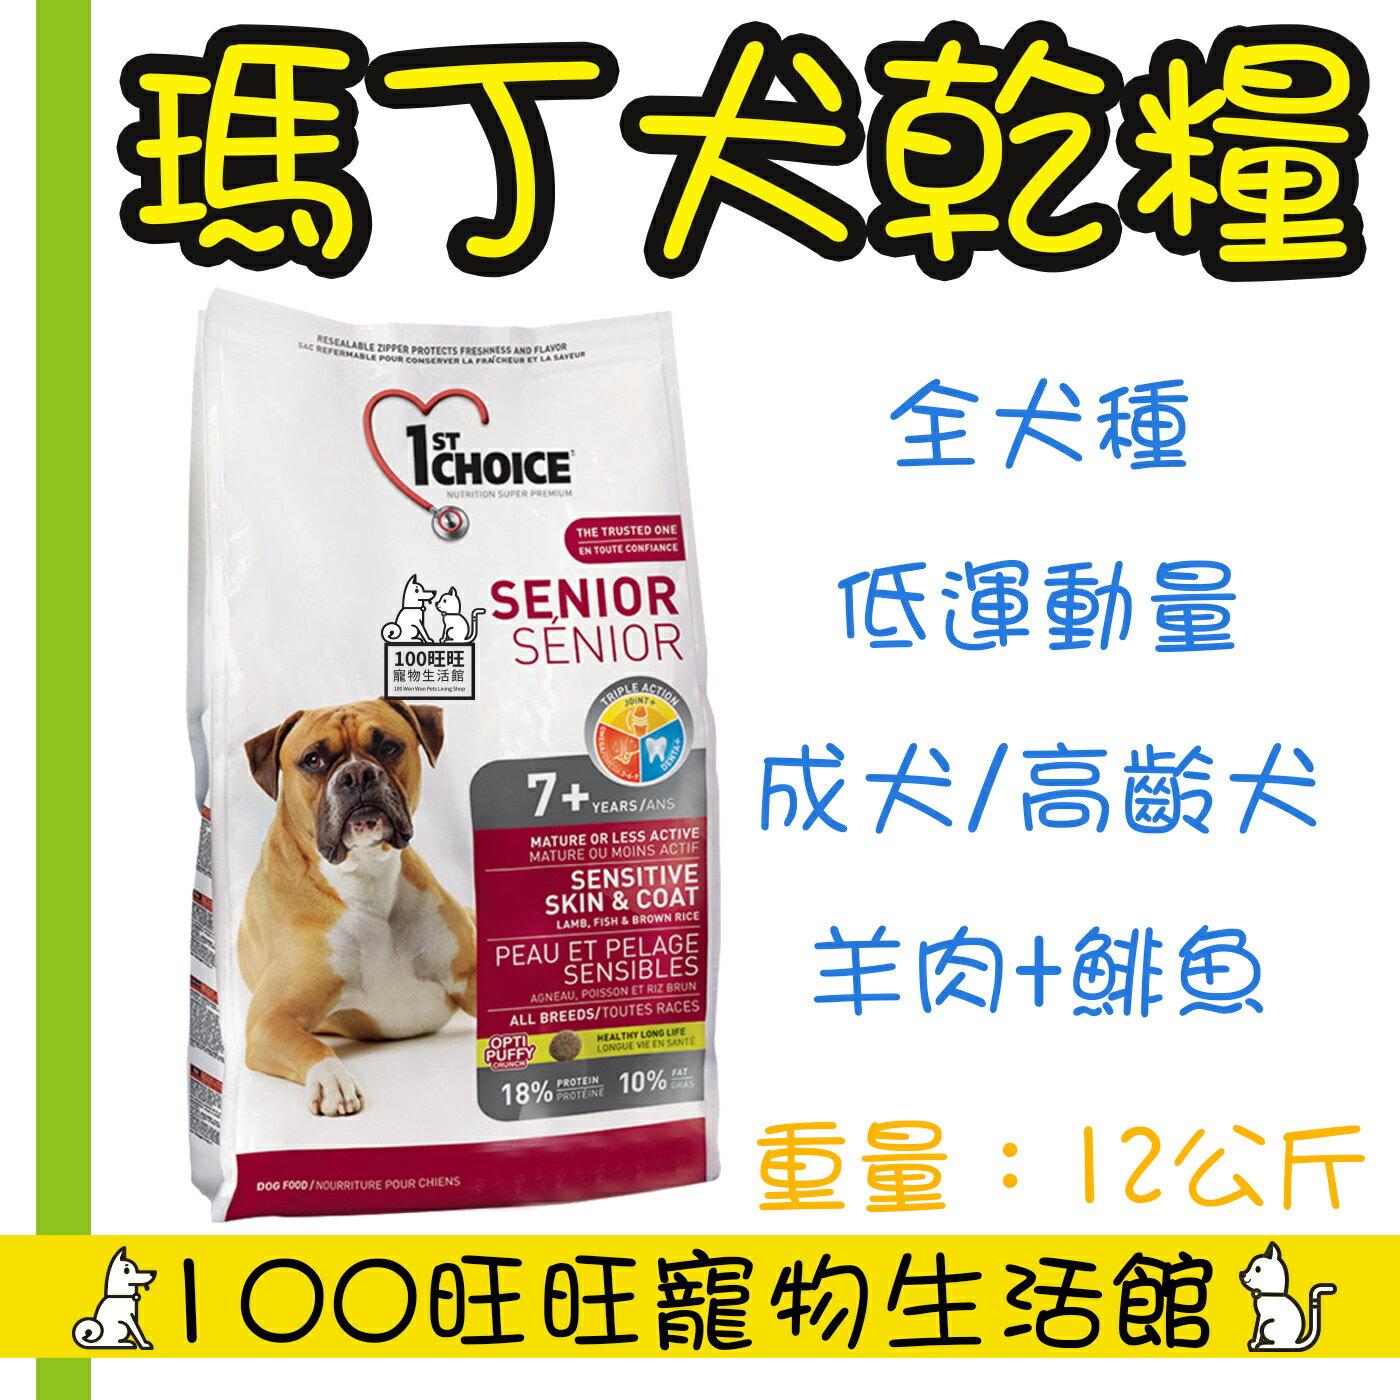 瑪丁 全犬種 高齡犬犬 羊肉 12kg 低運度量成犬 8歲以上高齡犬 全犬種低過敏配方